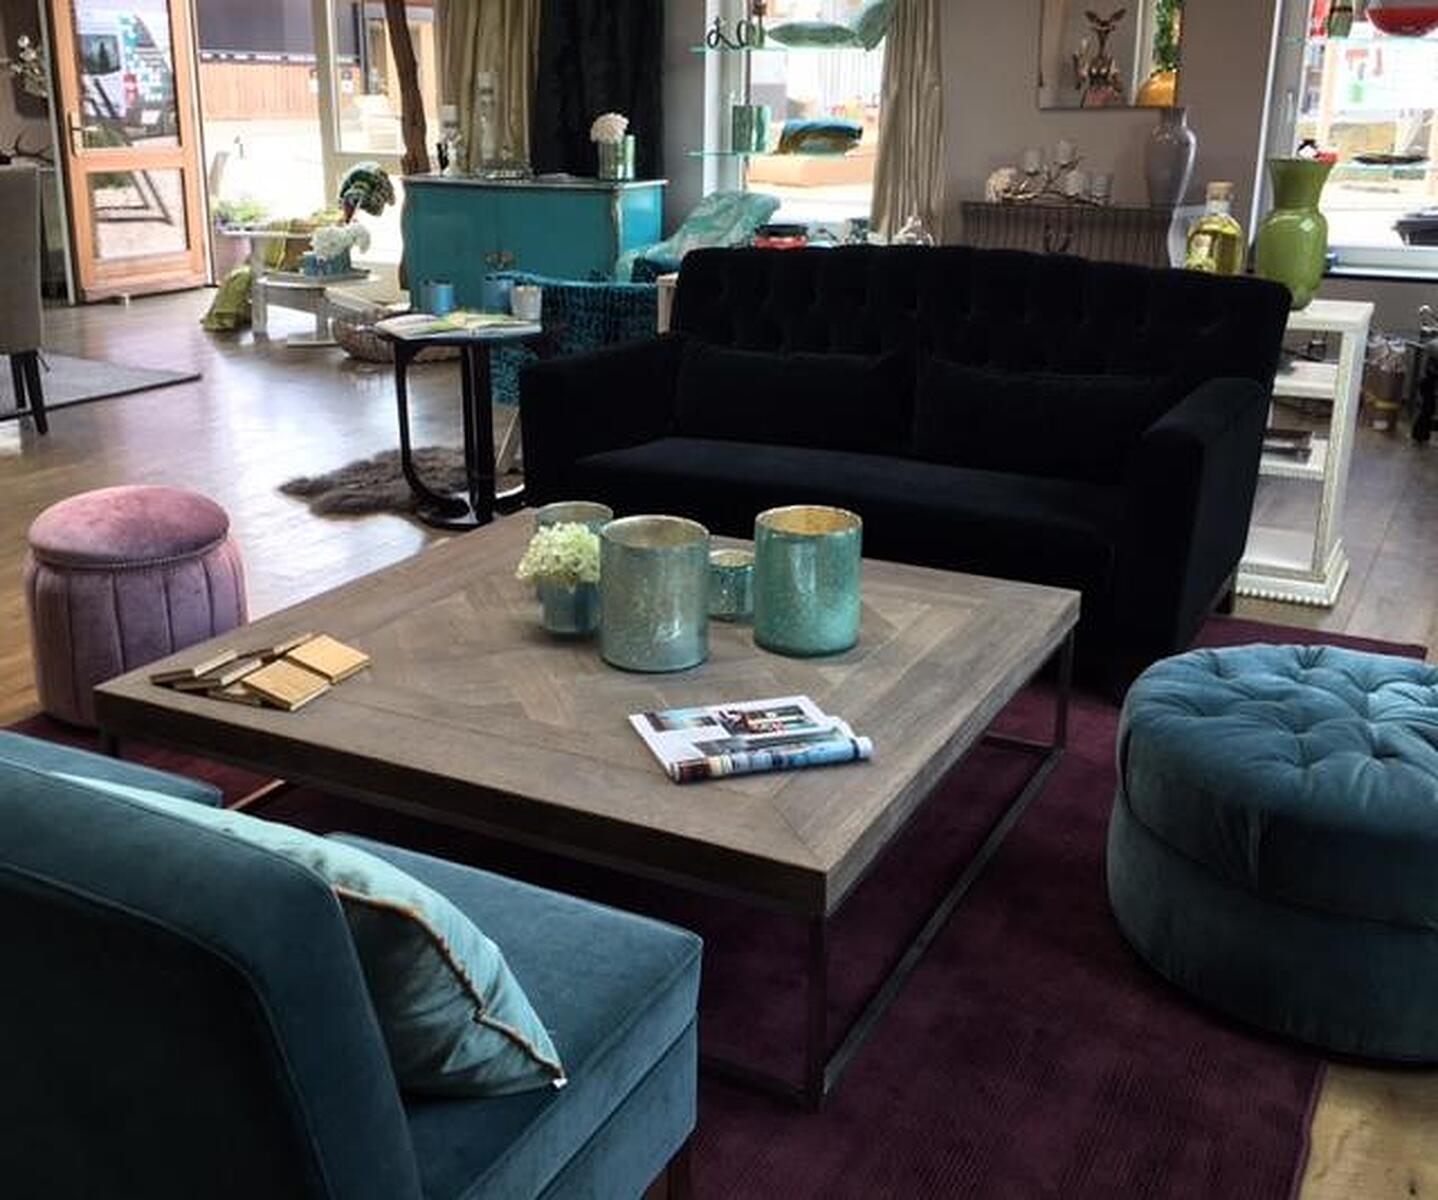 inneneinrichtung kraft hochstr taufkirchen. Black Bedroom Furniture Sets. Home Design Ideas